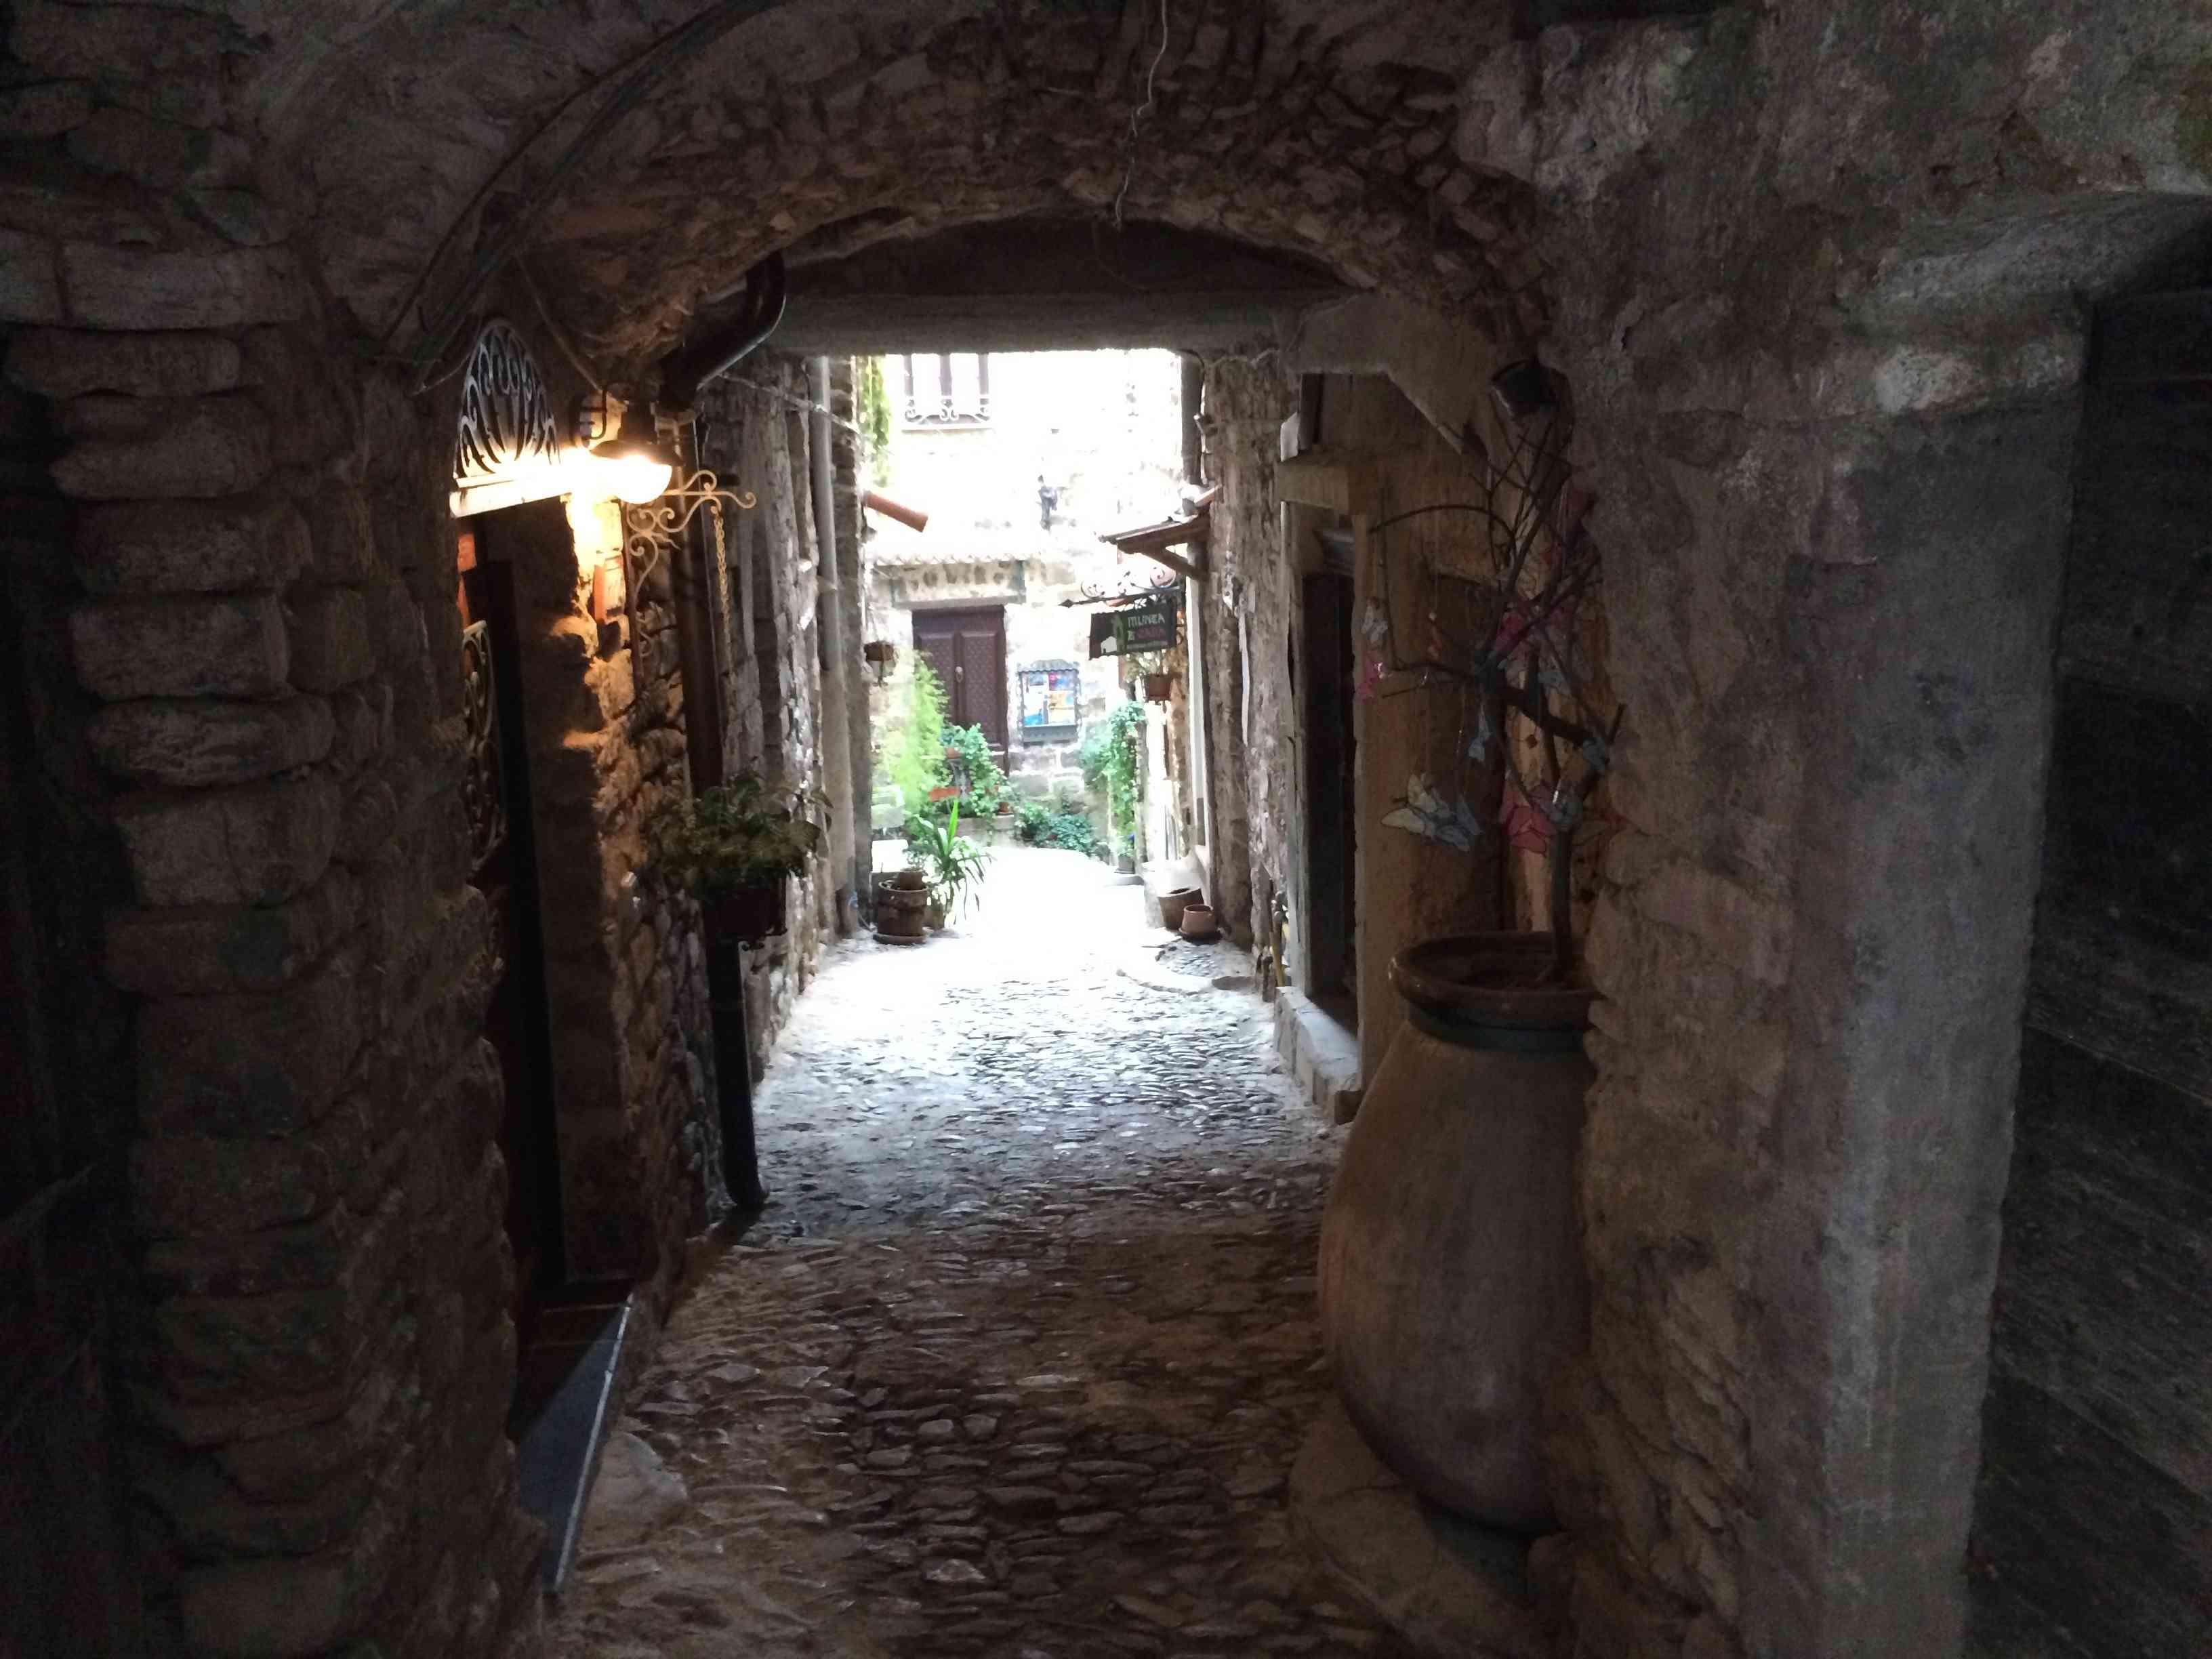 Apricale, le plus beau village d'Italie Aprica26